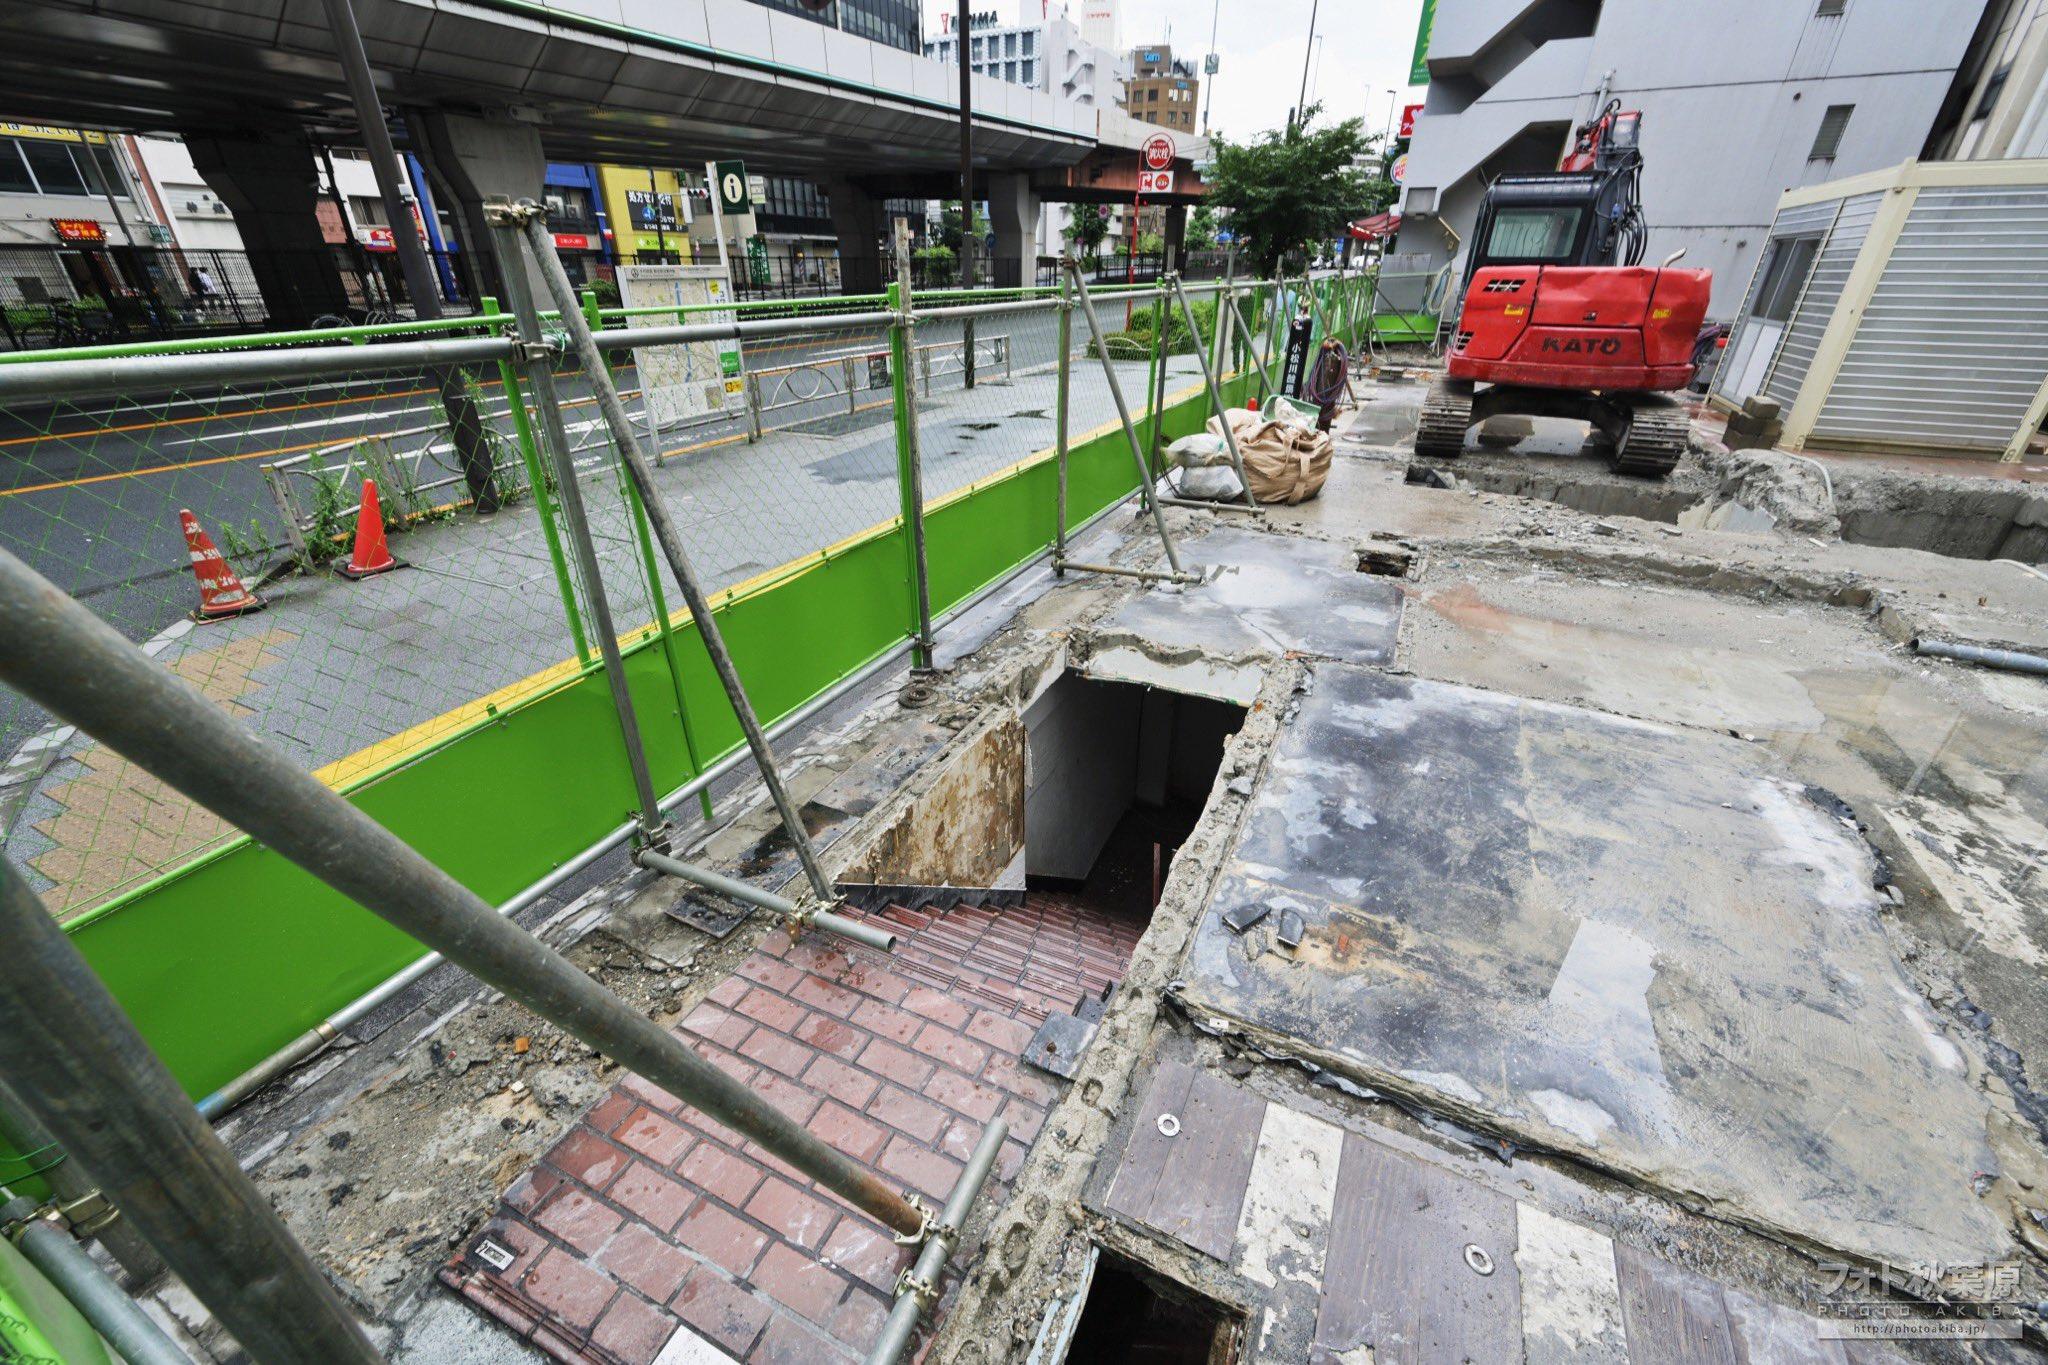 マクドナルド秋葉原昭和通り店あったビル跡地に、ドラクエみたいな階段が出現してた。